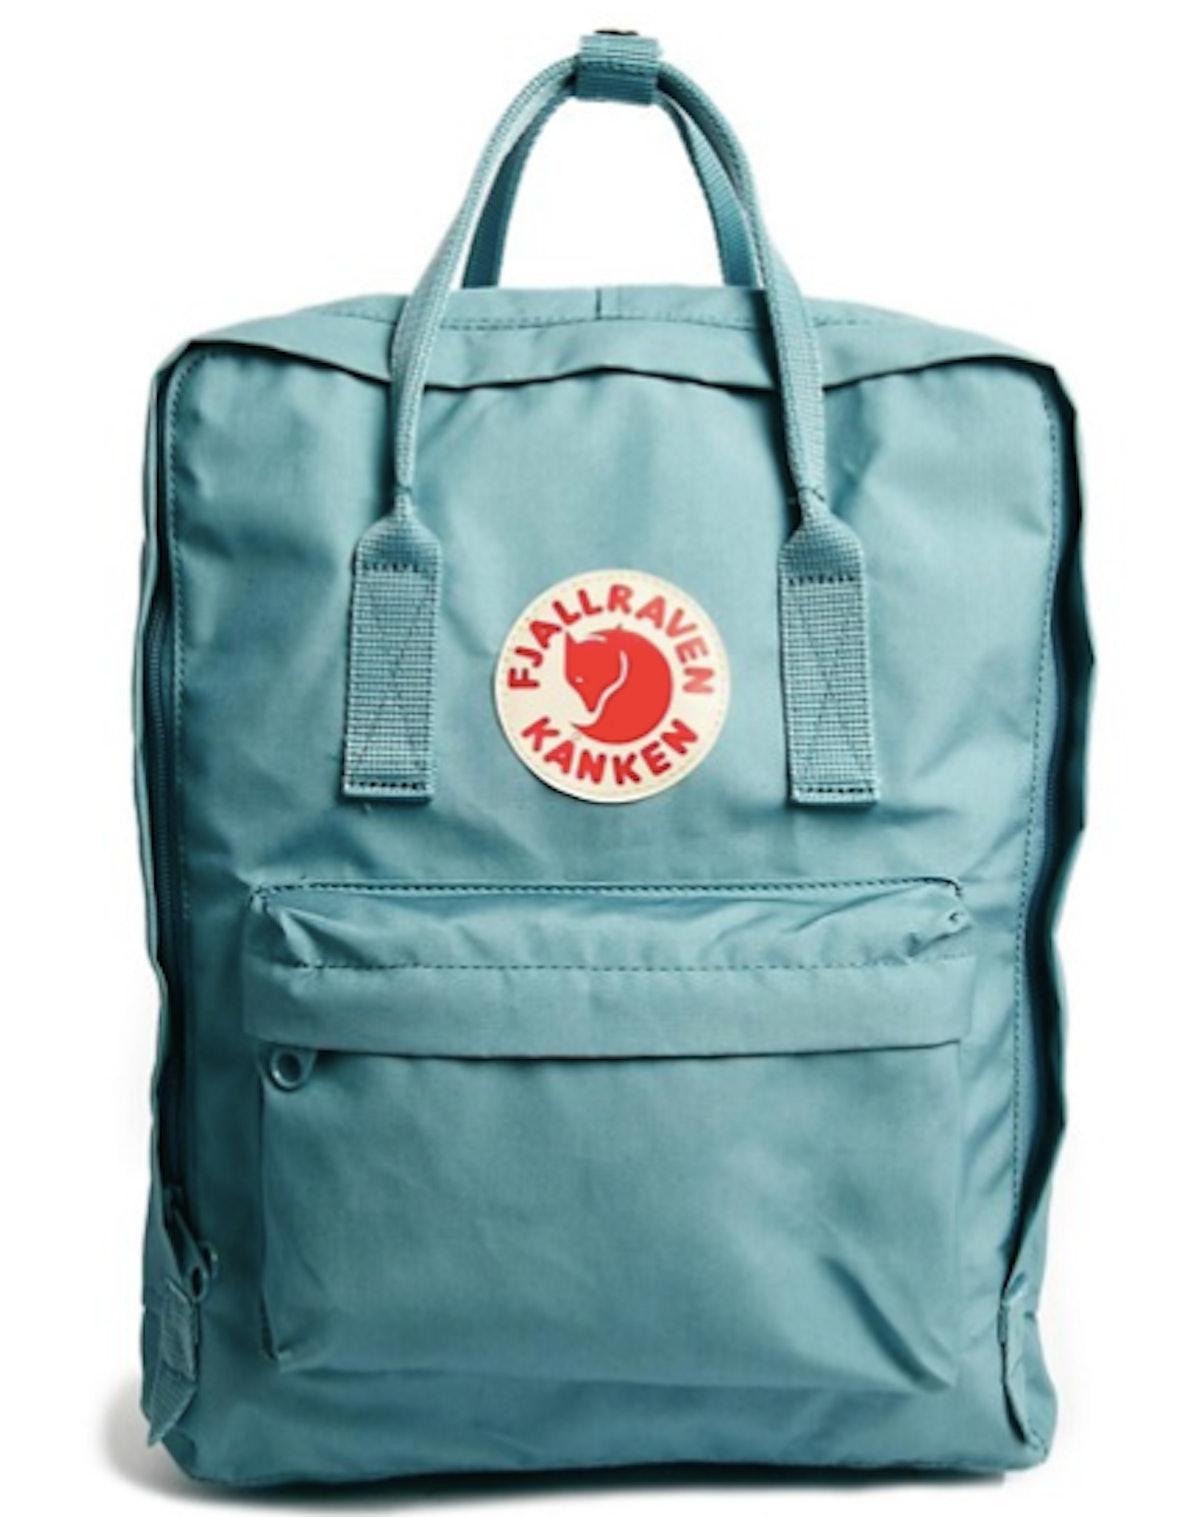 Fjallraven's Kanken Classic Backpack for Everyday